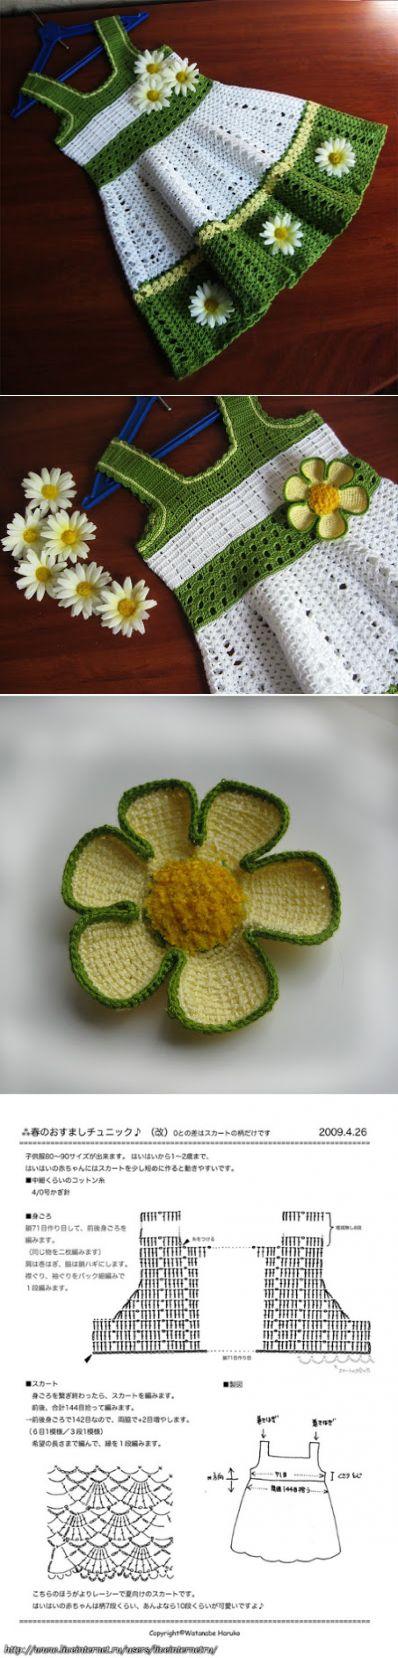 Вязания рукоделия: вязание крючком платье для девочки